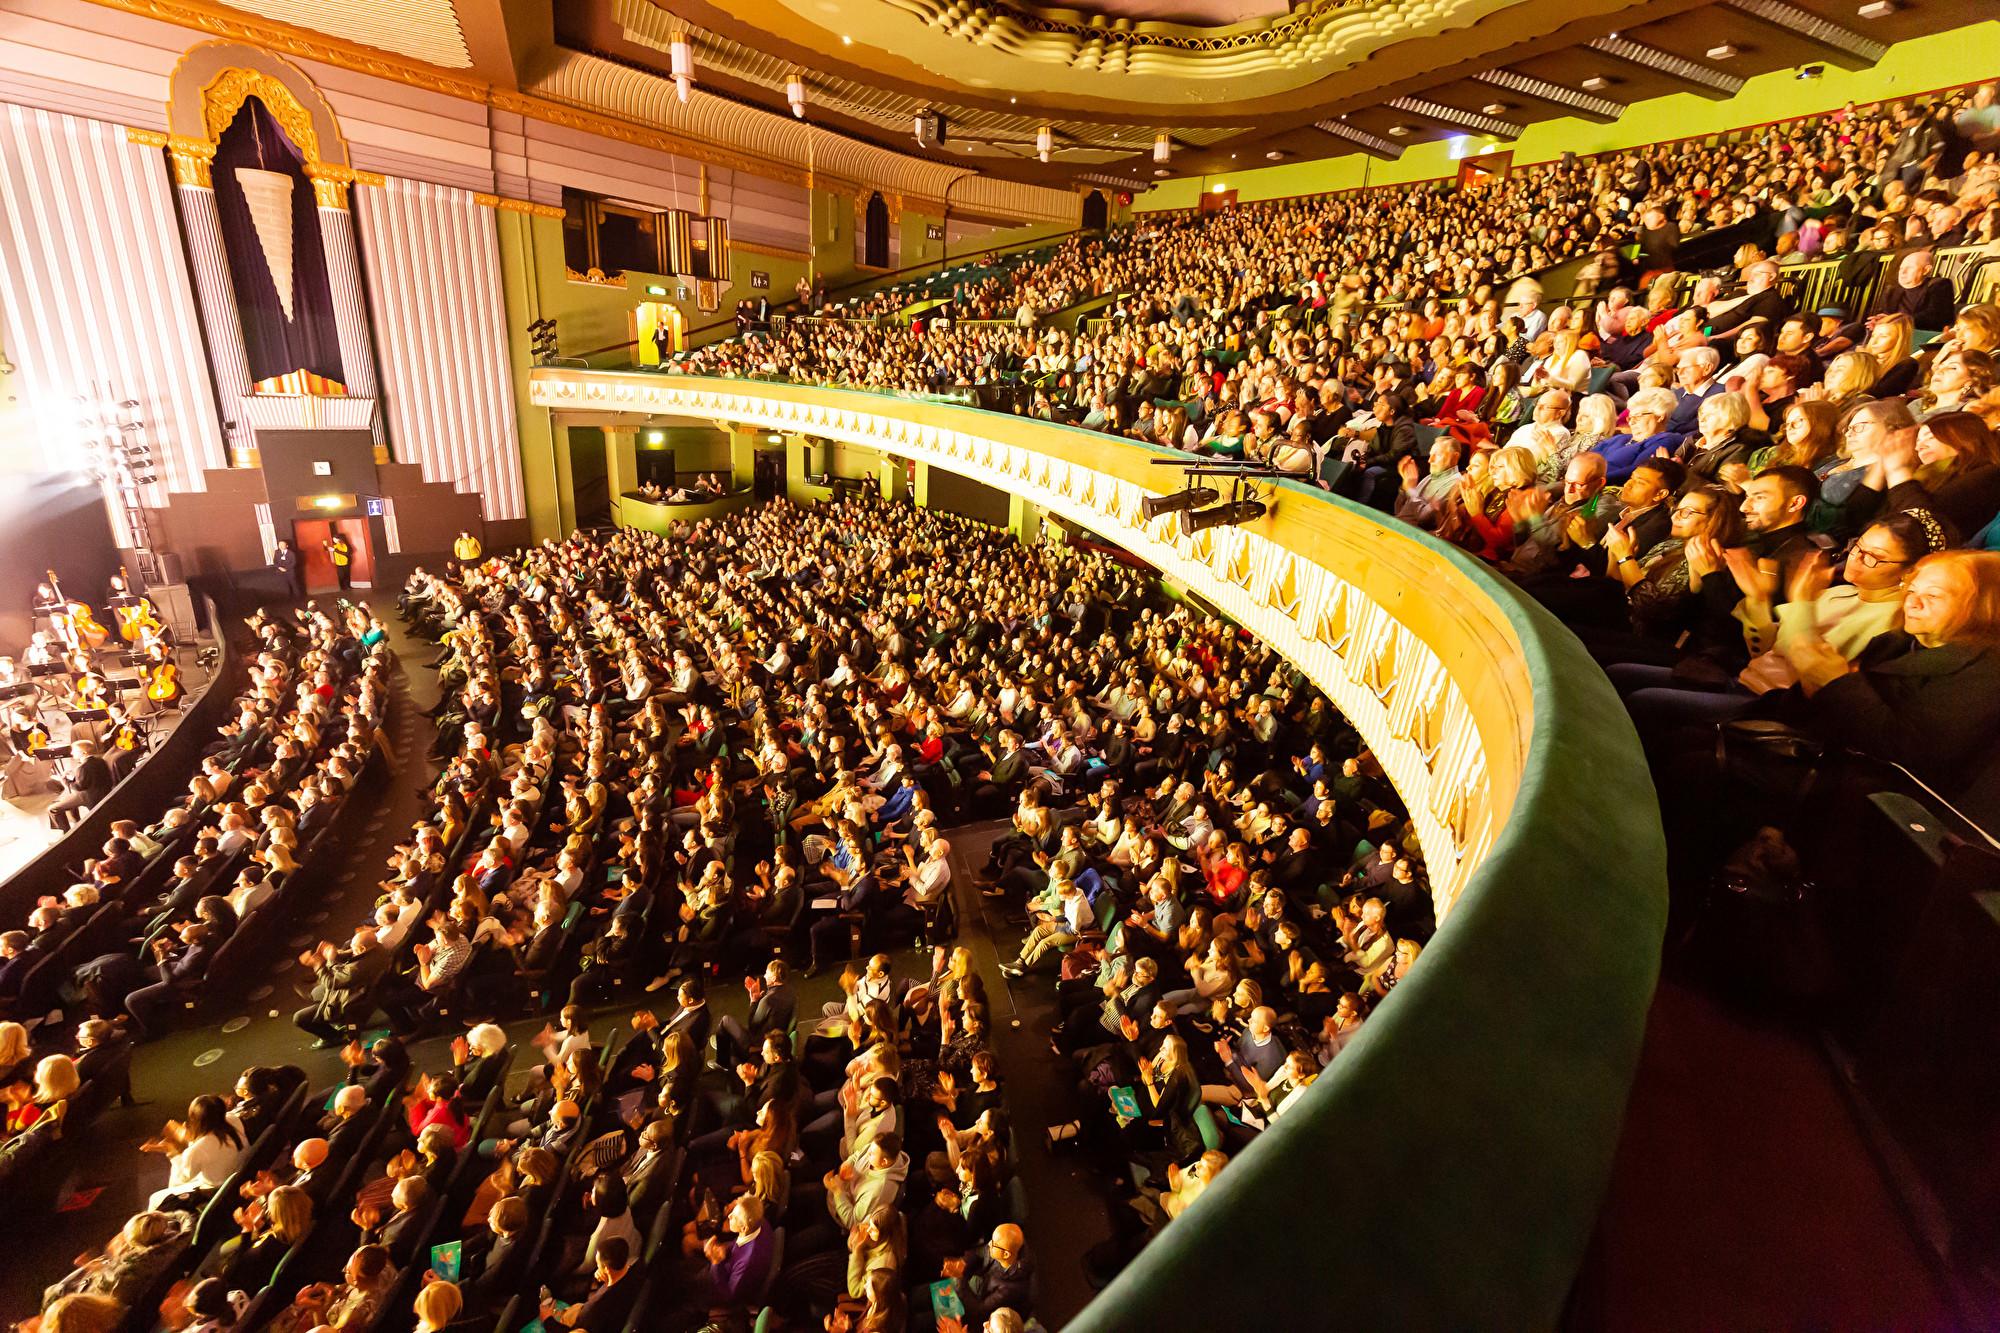 2020年1月19日,神韻國際藝術團在倫敦Eventim Apollo劇院進行了今年的第四場演出,場內座無虛席。(羅元/大紀元)